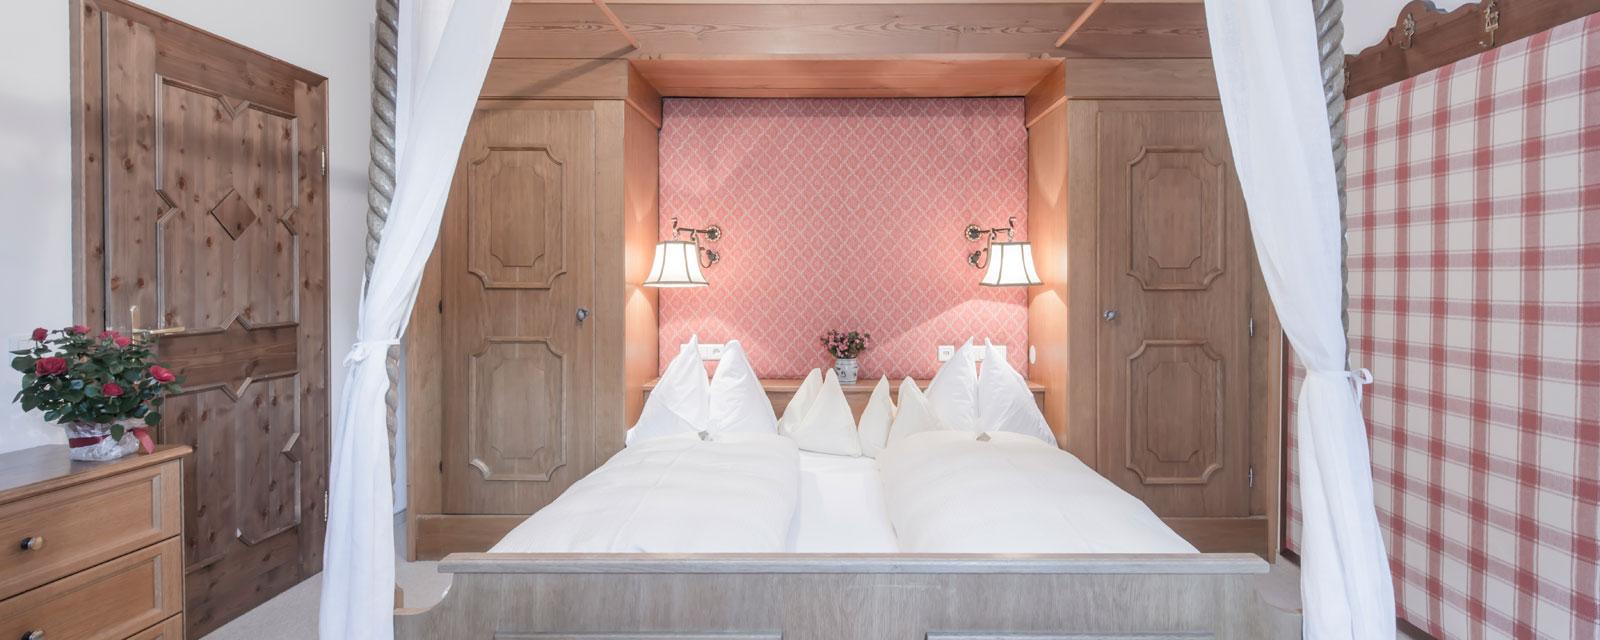 Doppelbett in verträumtem Zimmer